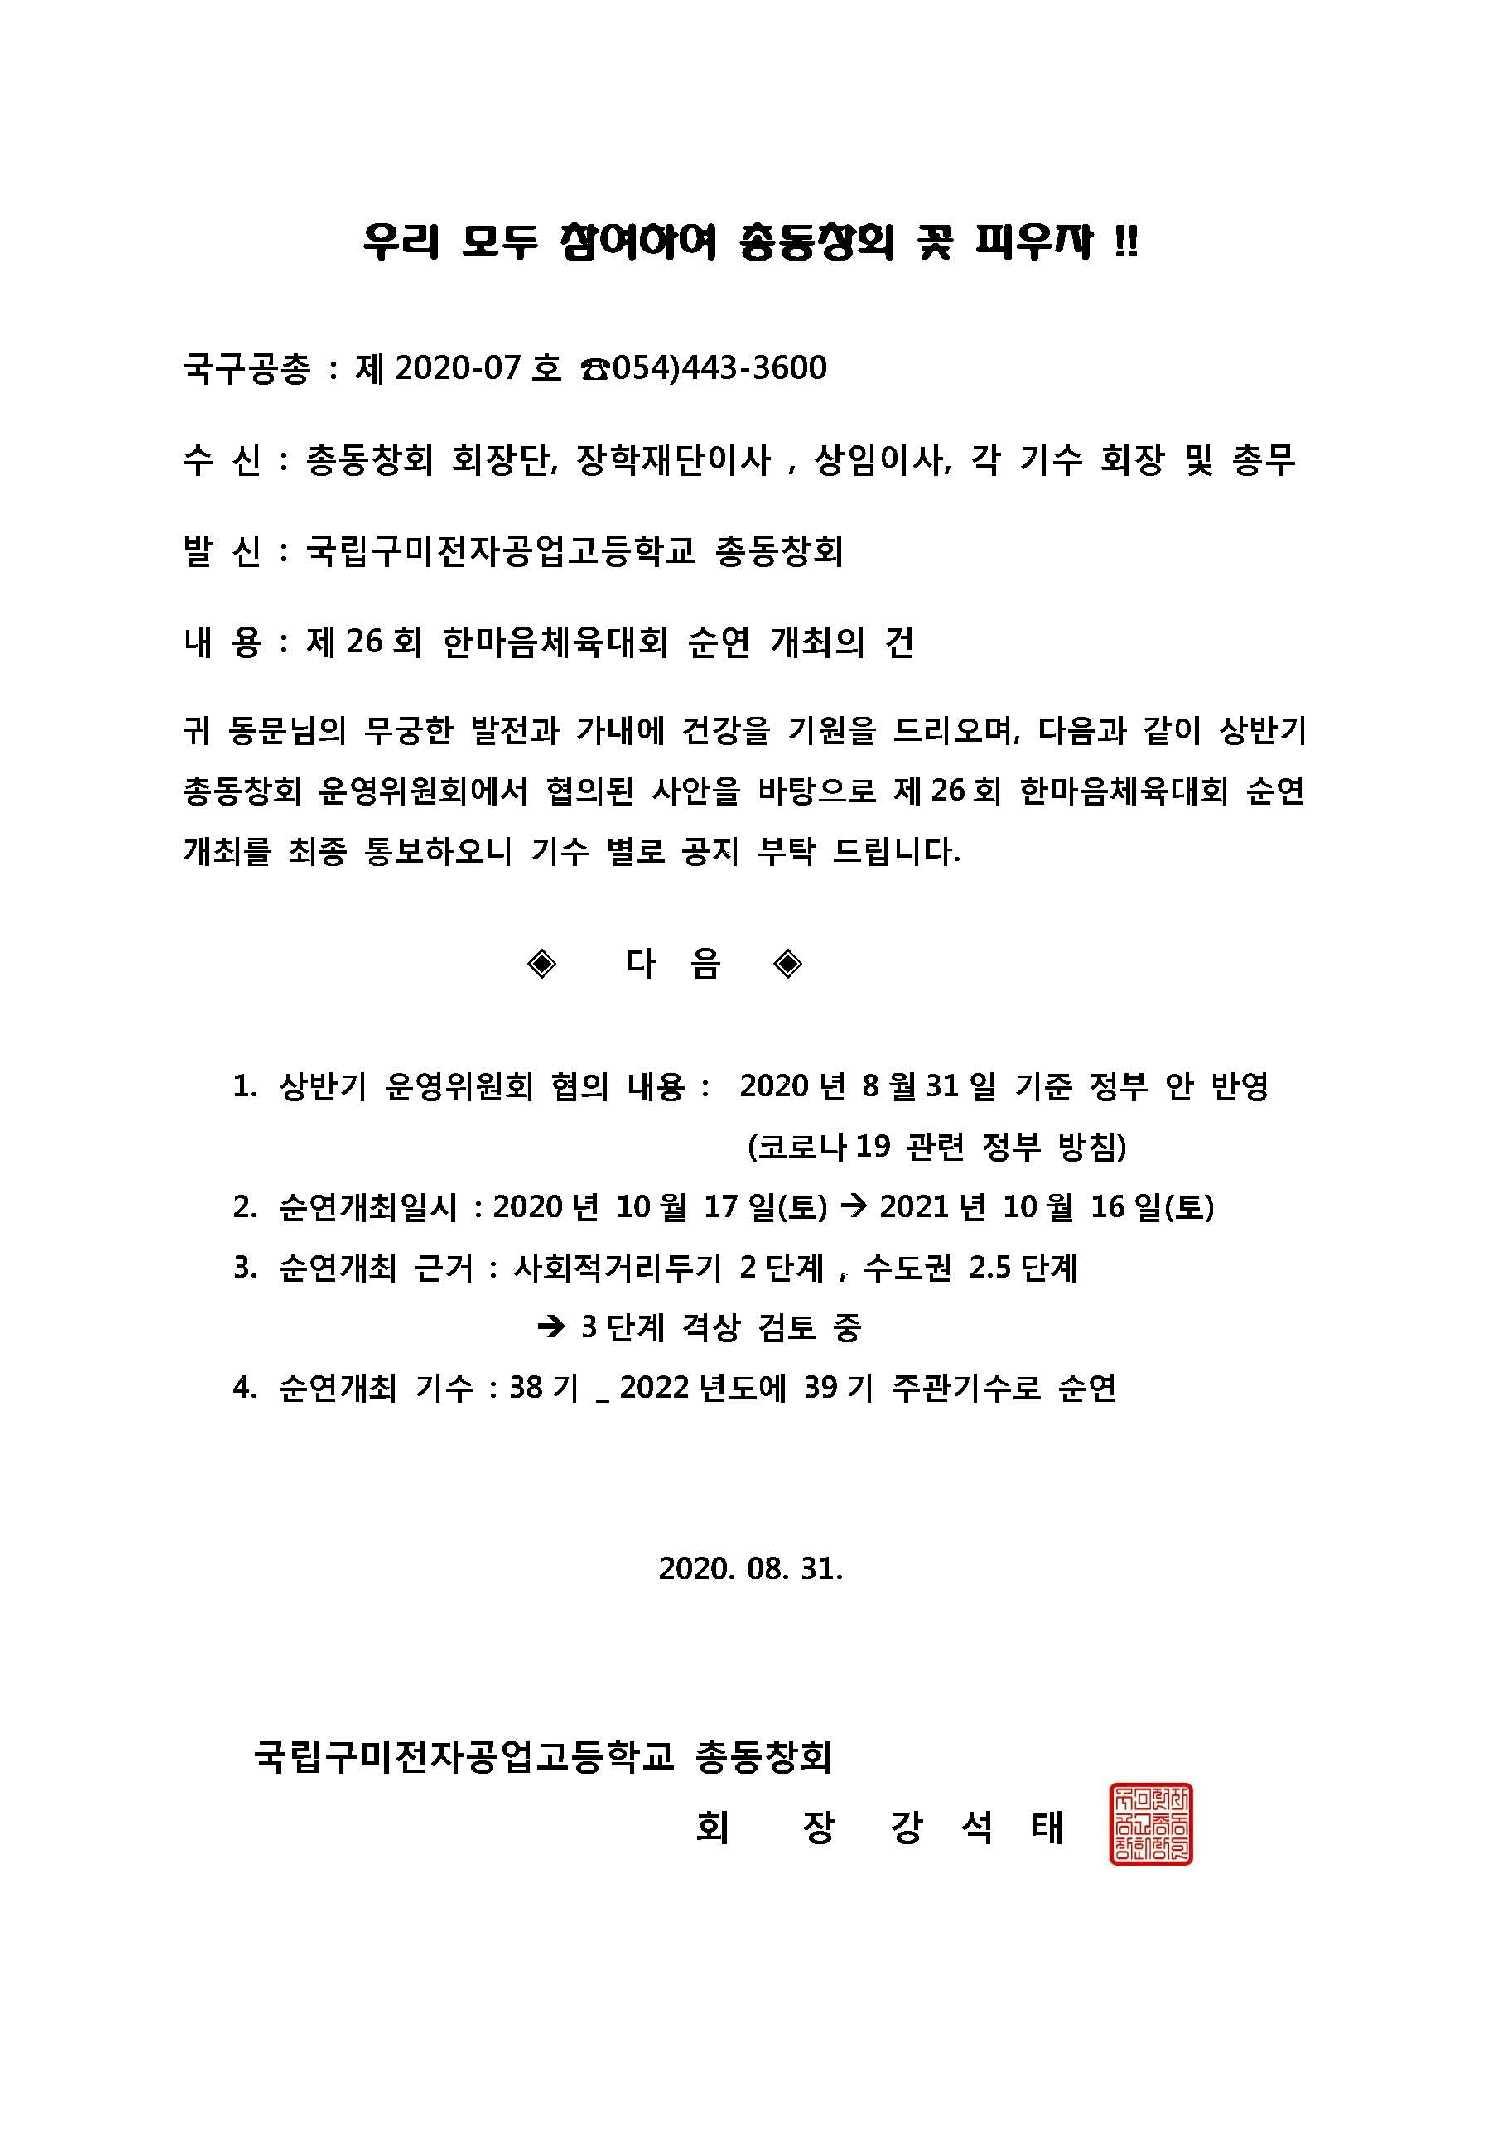 2020-07호 제26회 한마음체육대회 순연 개최 공문.jpg